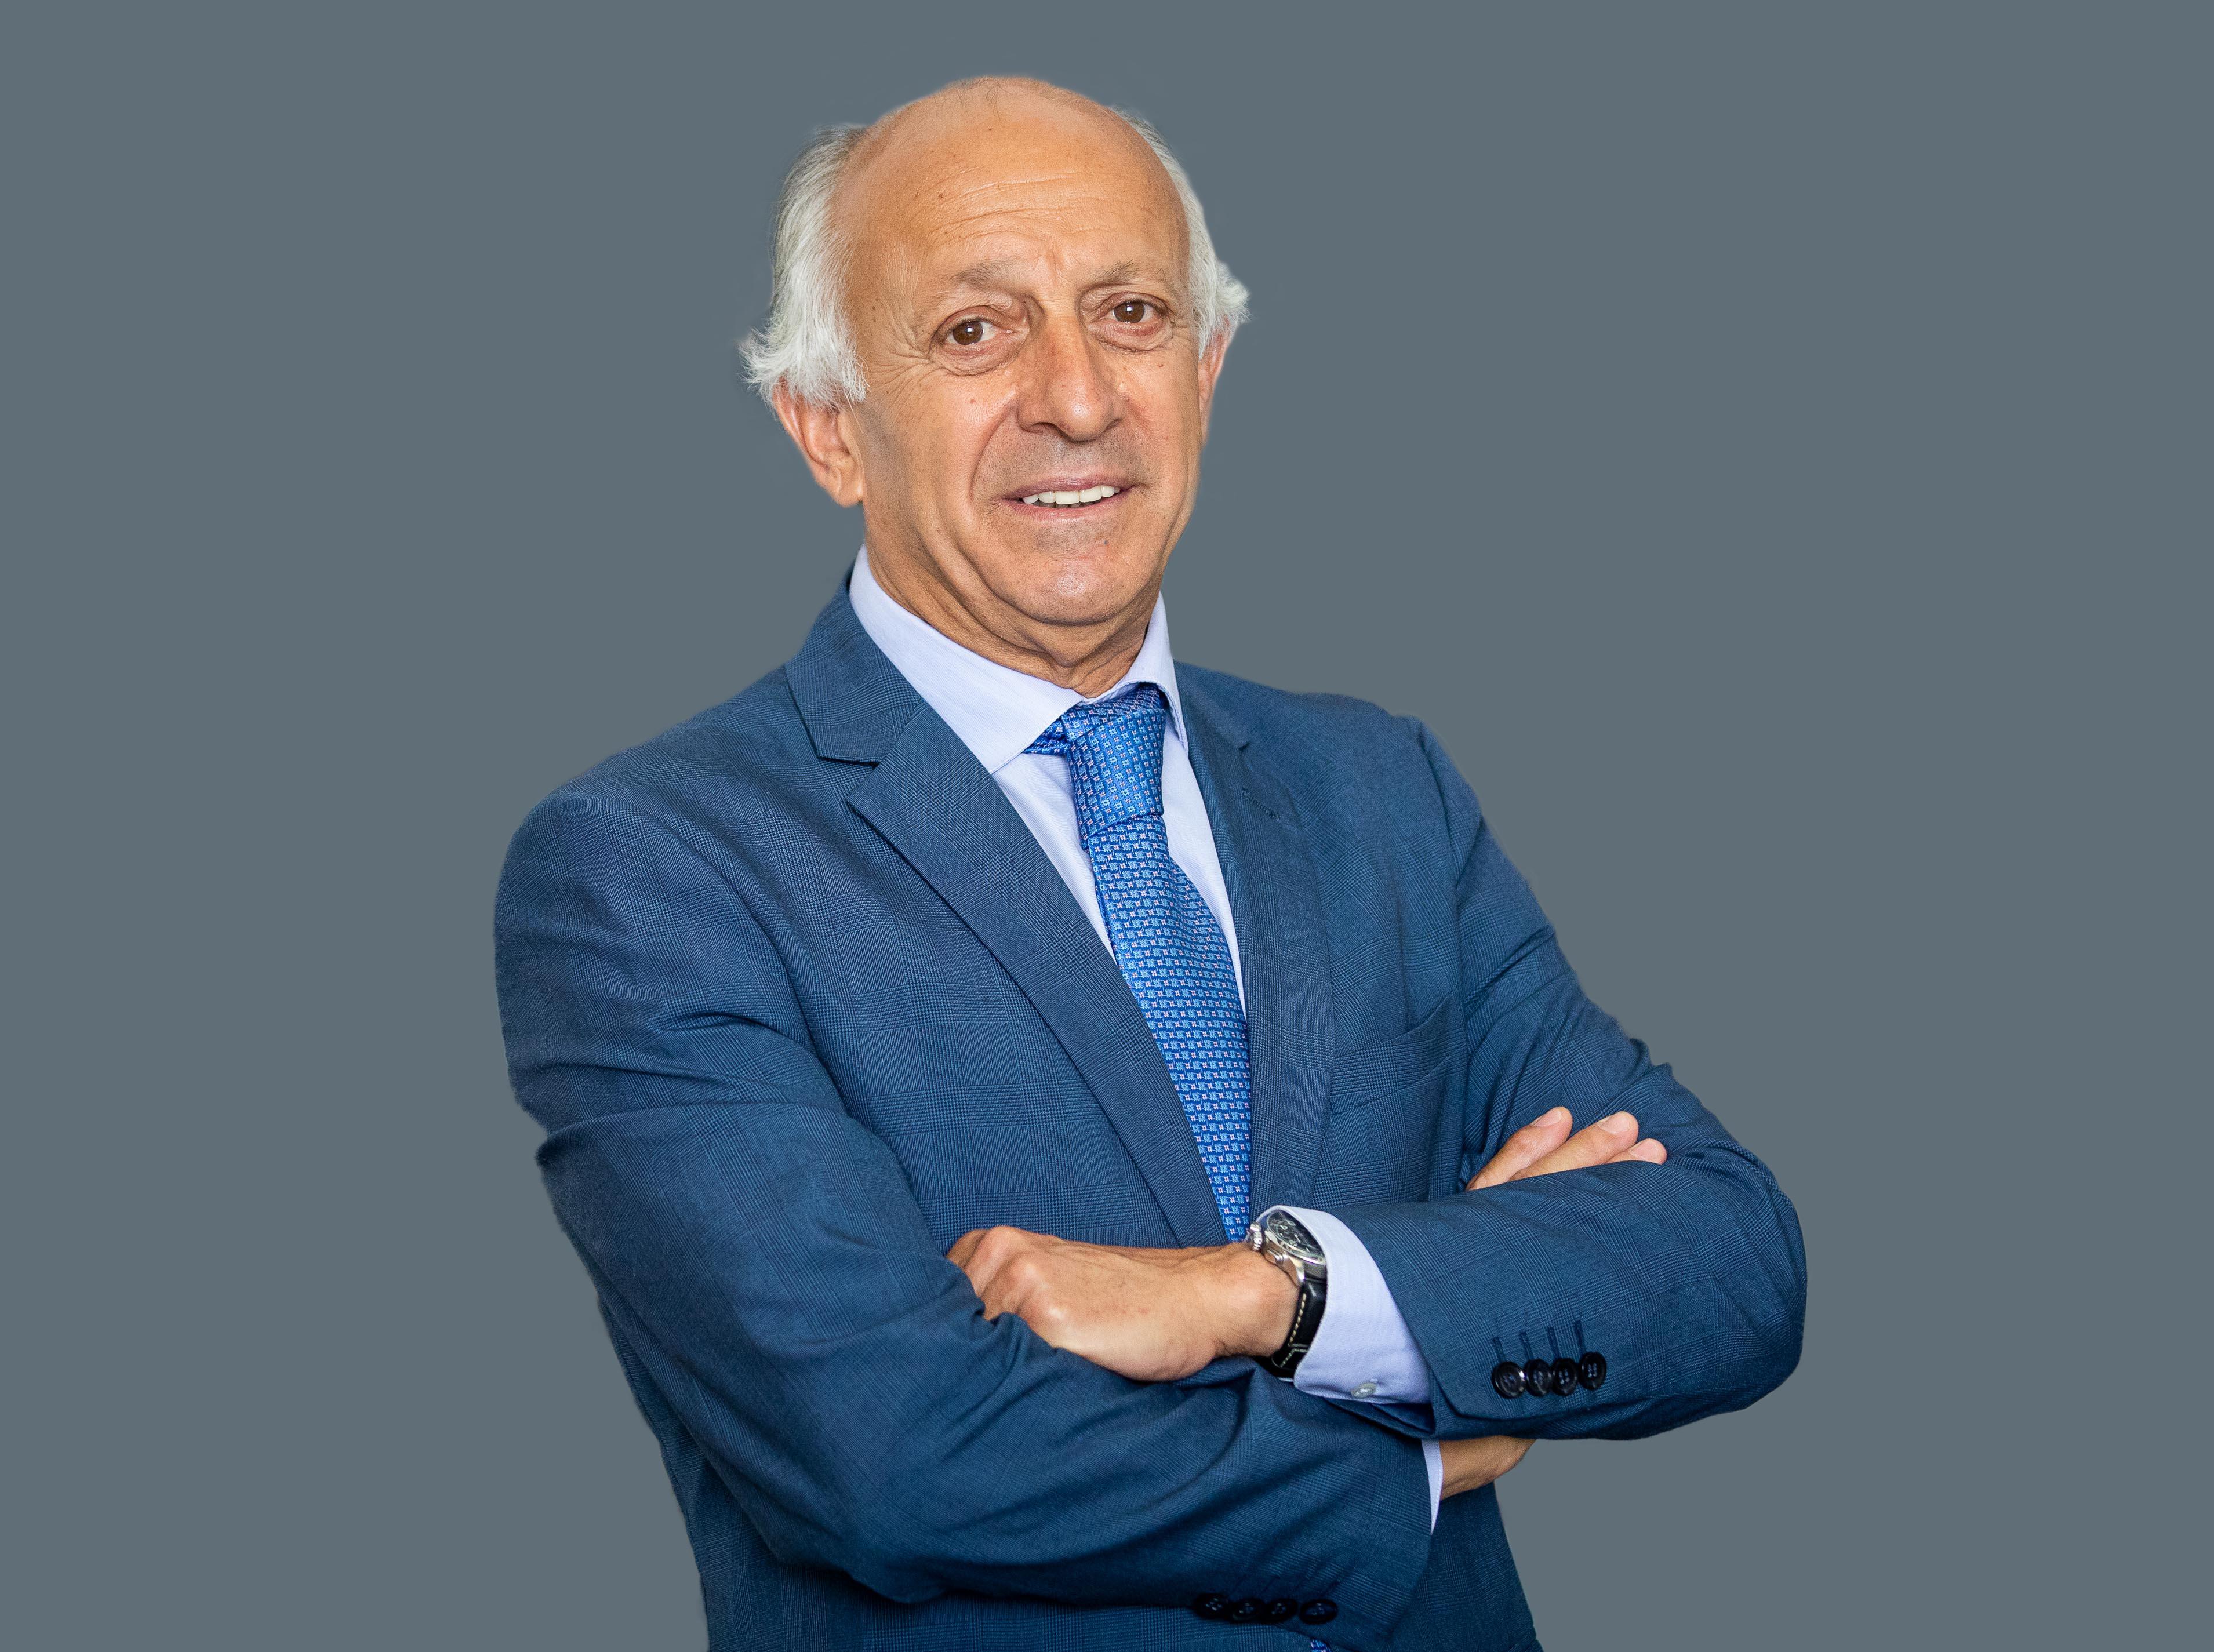 Antonio Olmedo